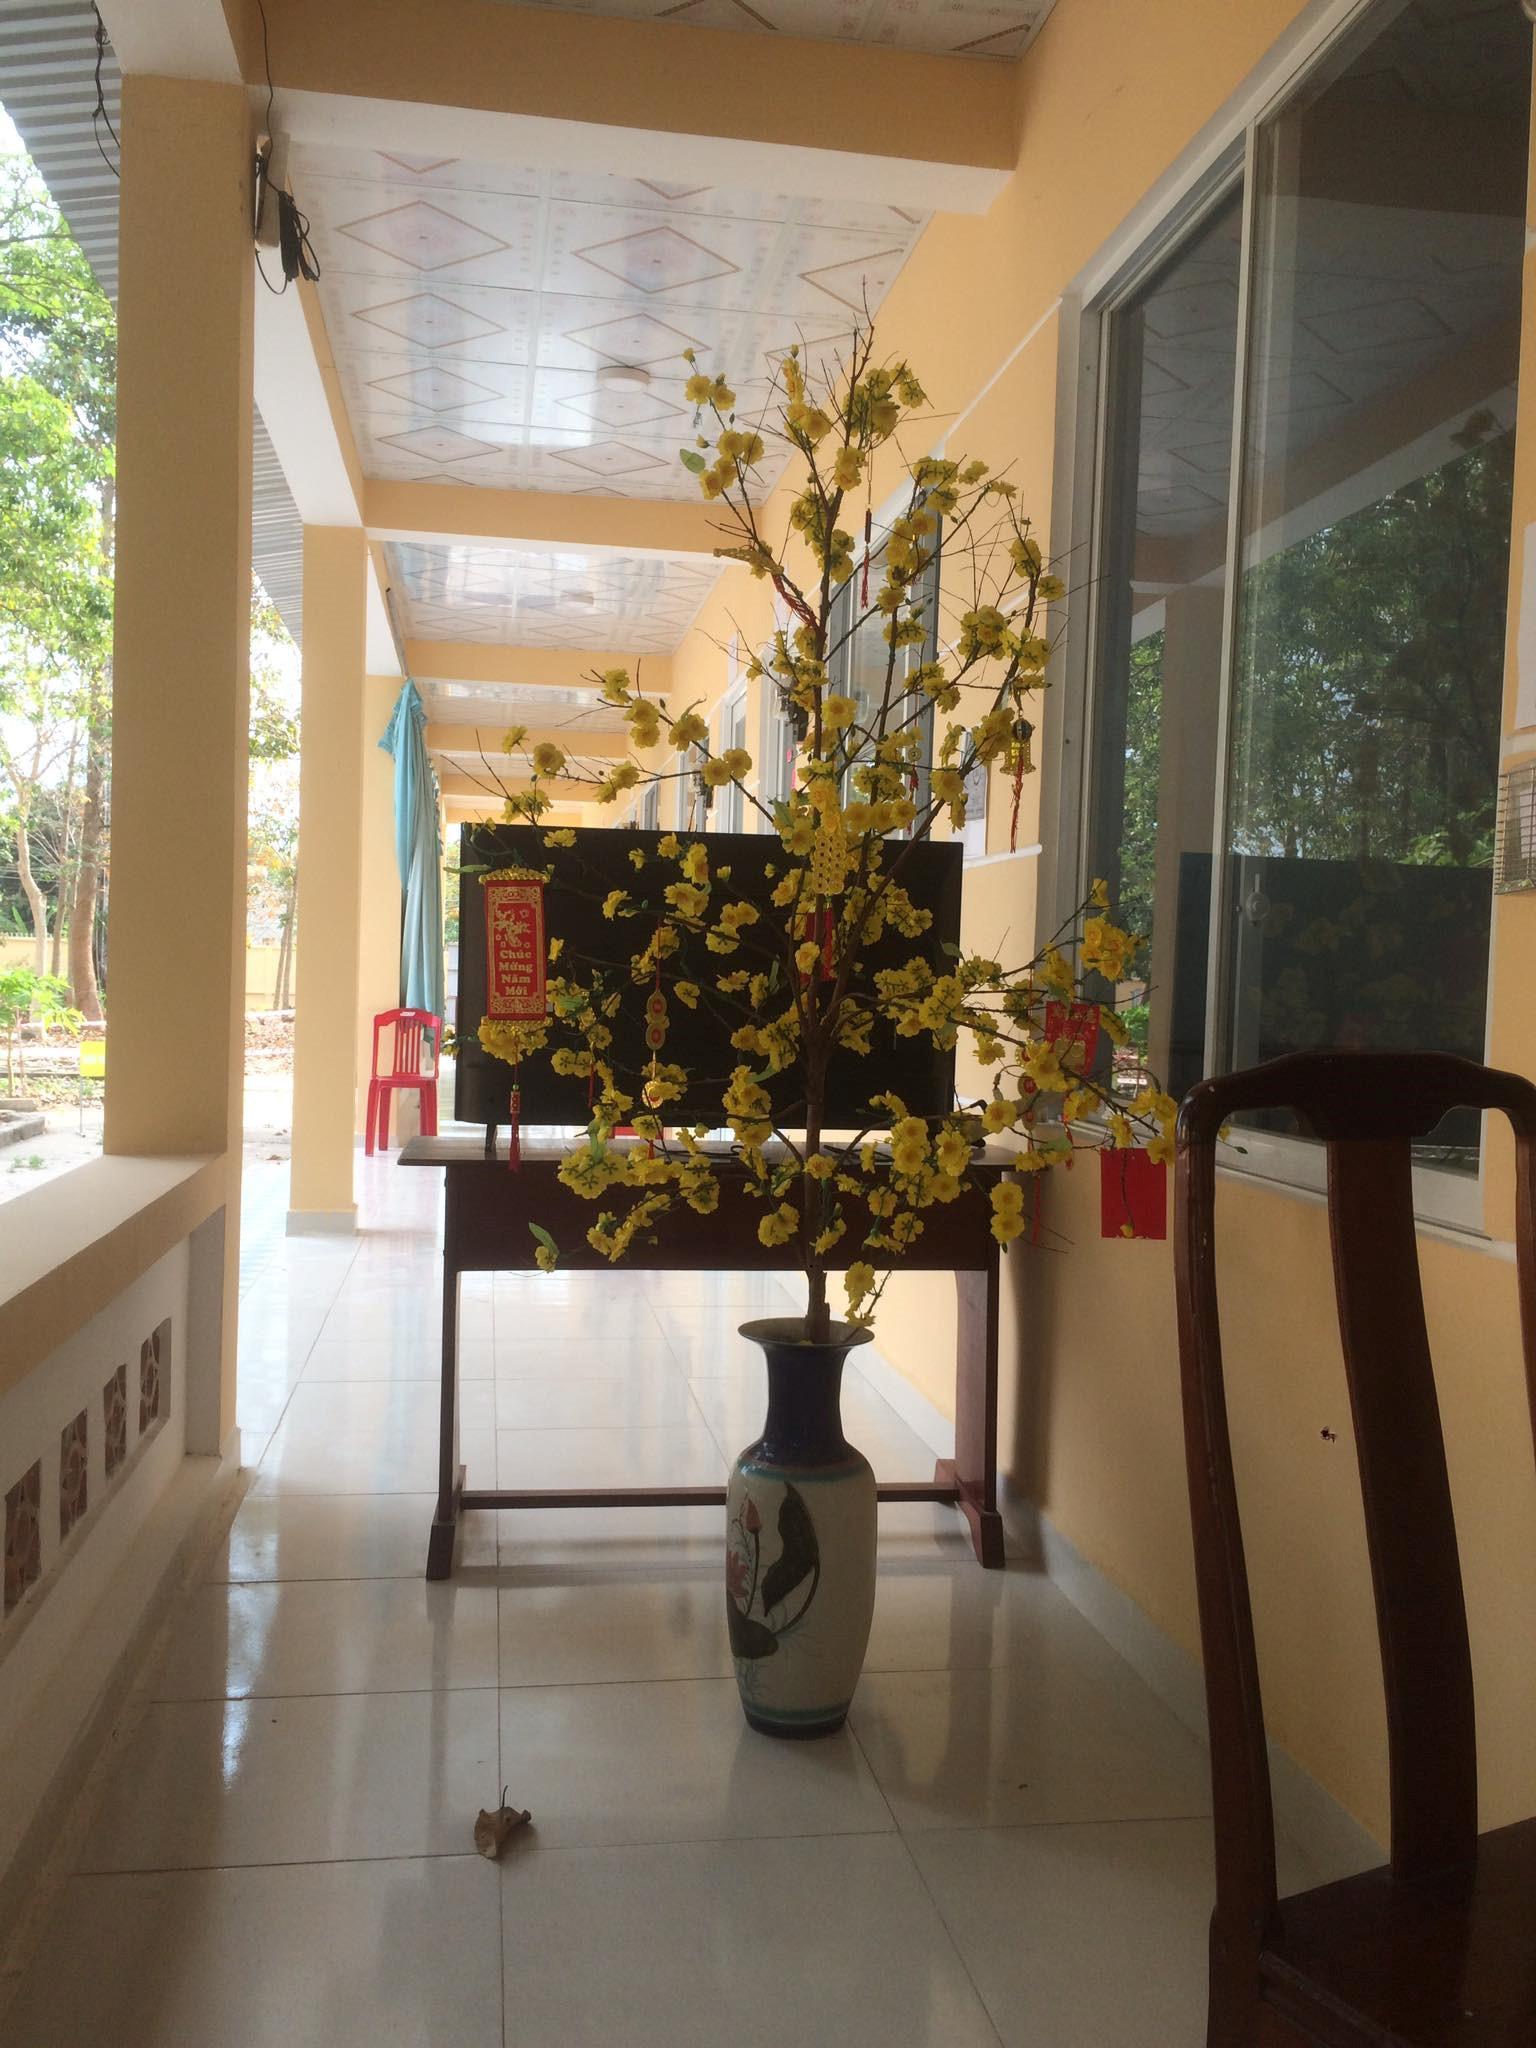 Hình ảnh cây mai khoe sắc vàng trong khu cách ly.